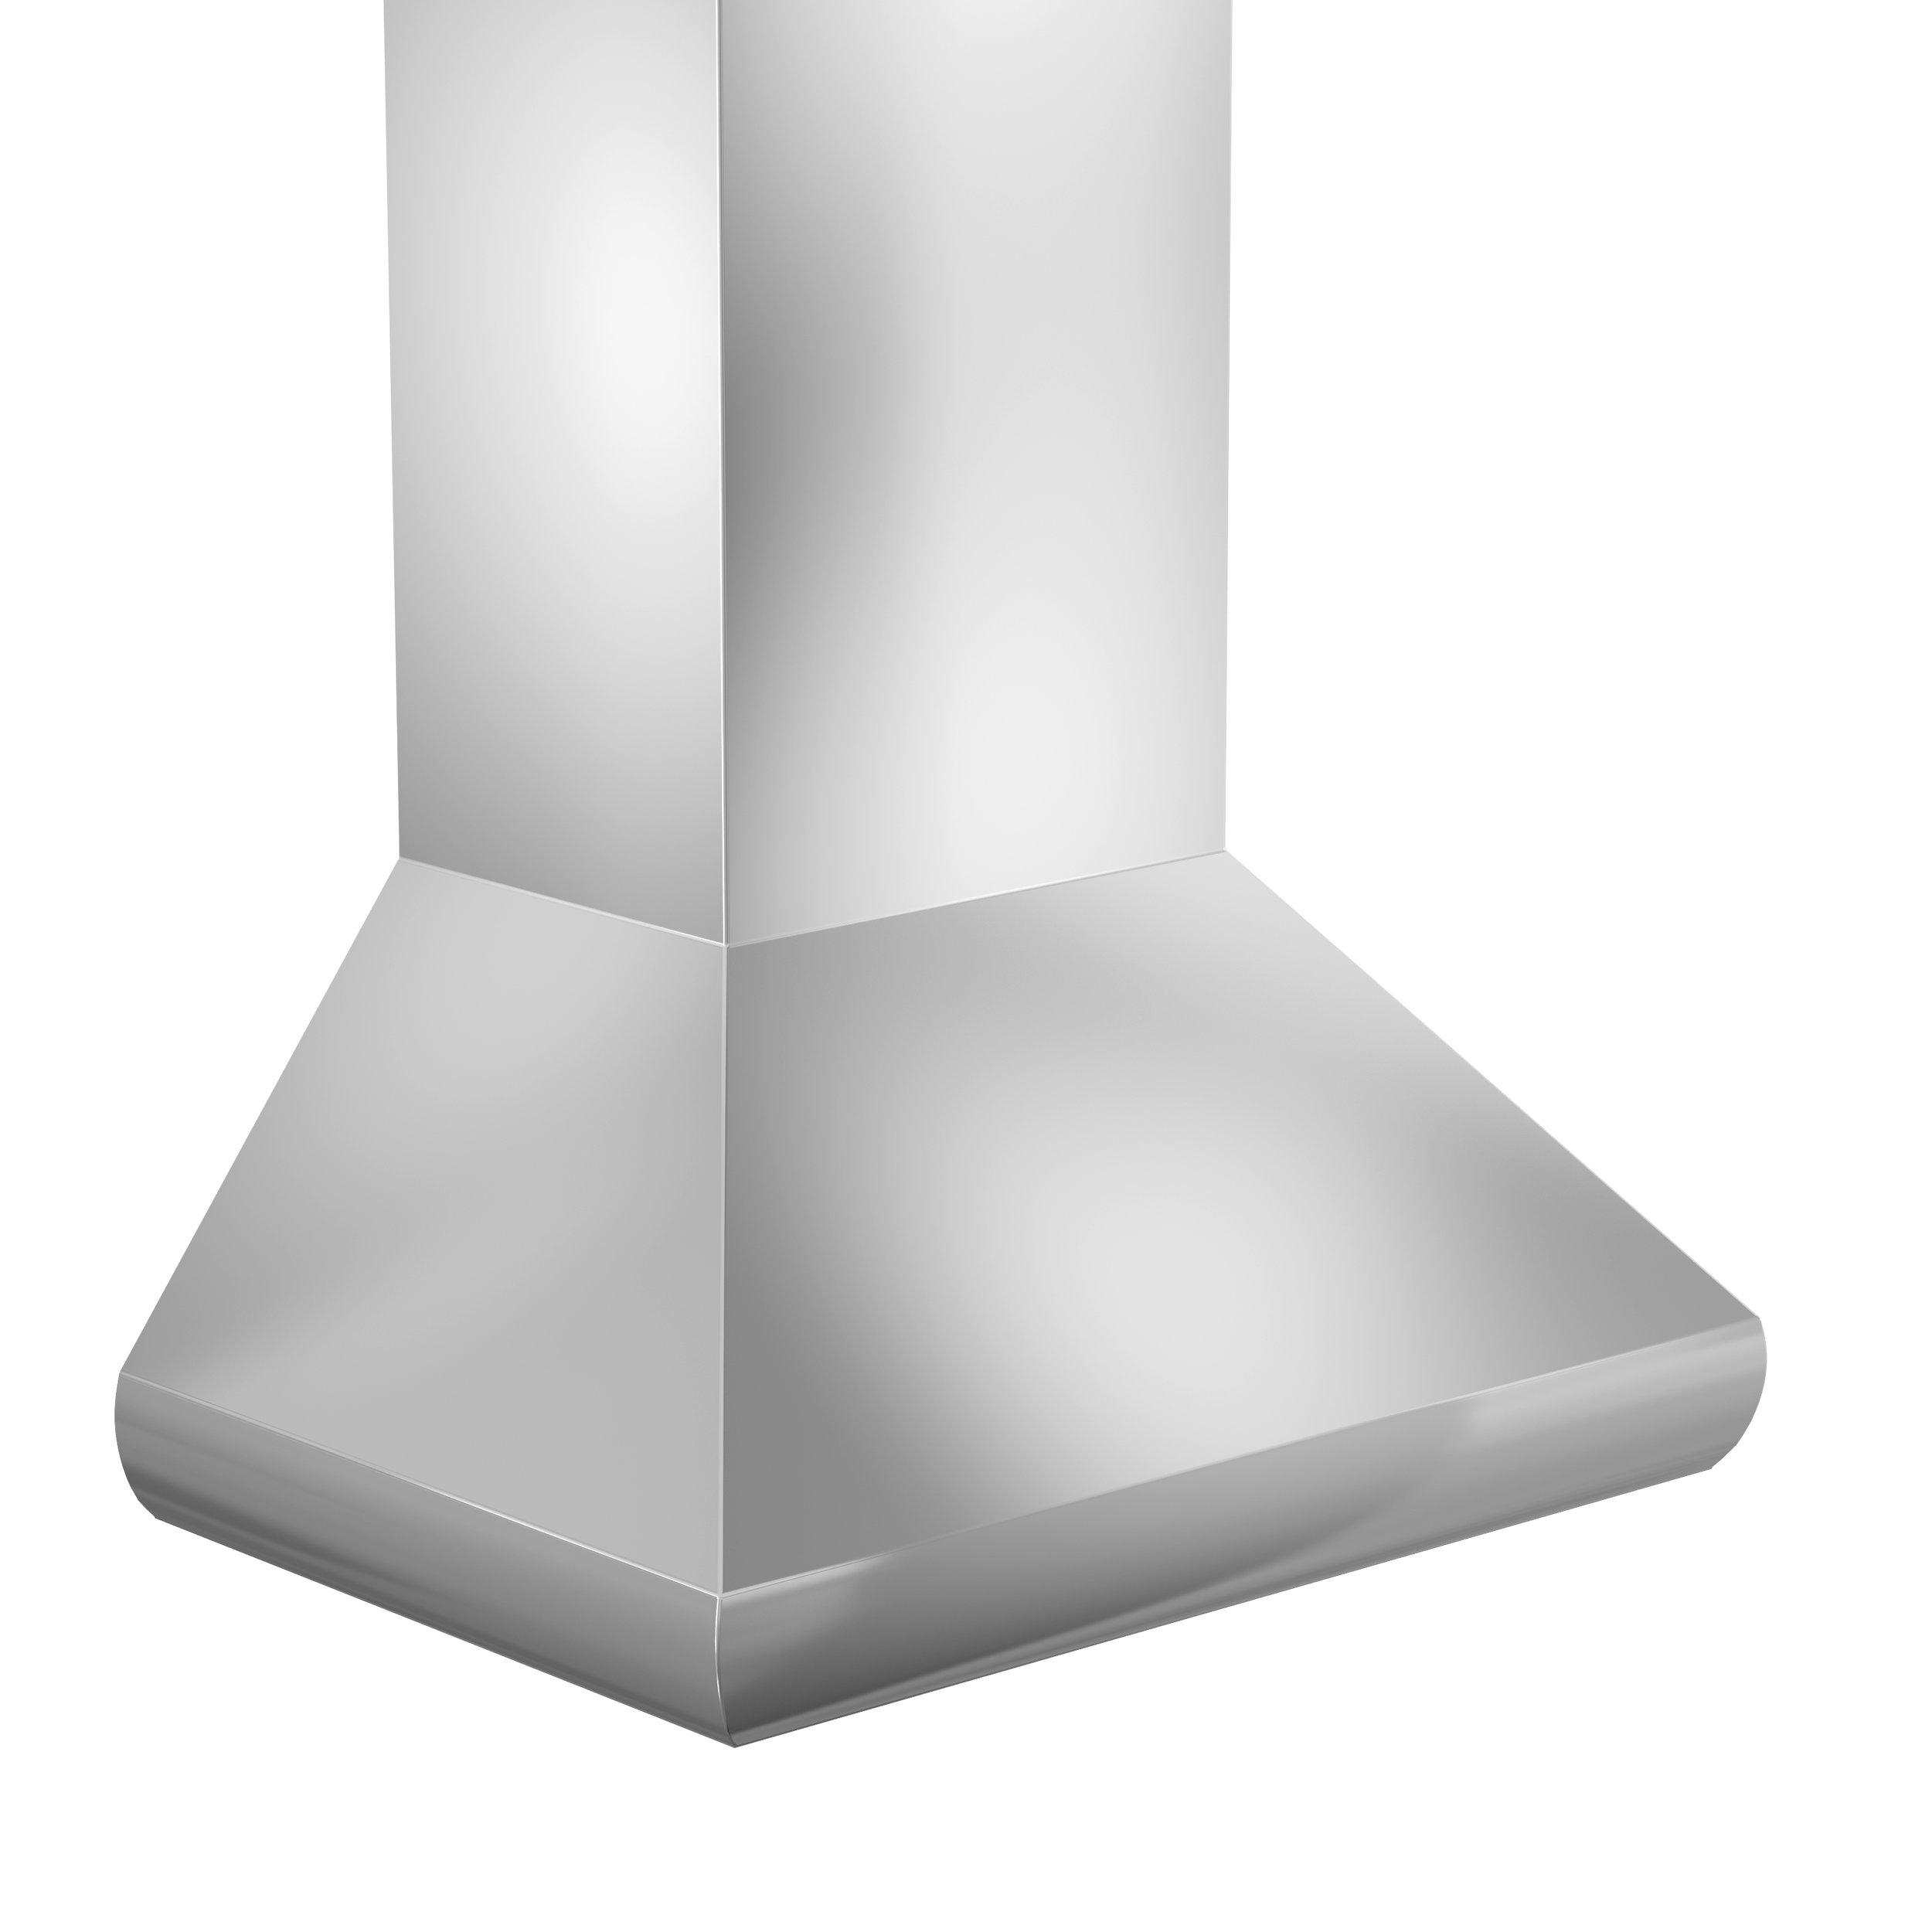 zline-stainless-steel-wall-mounted-range-hood-687-top.jpg